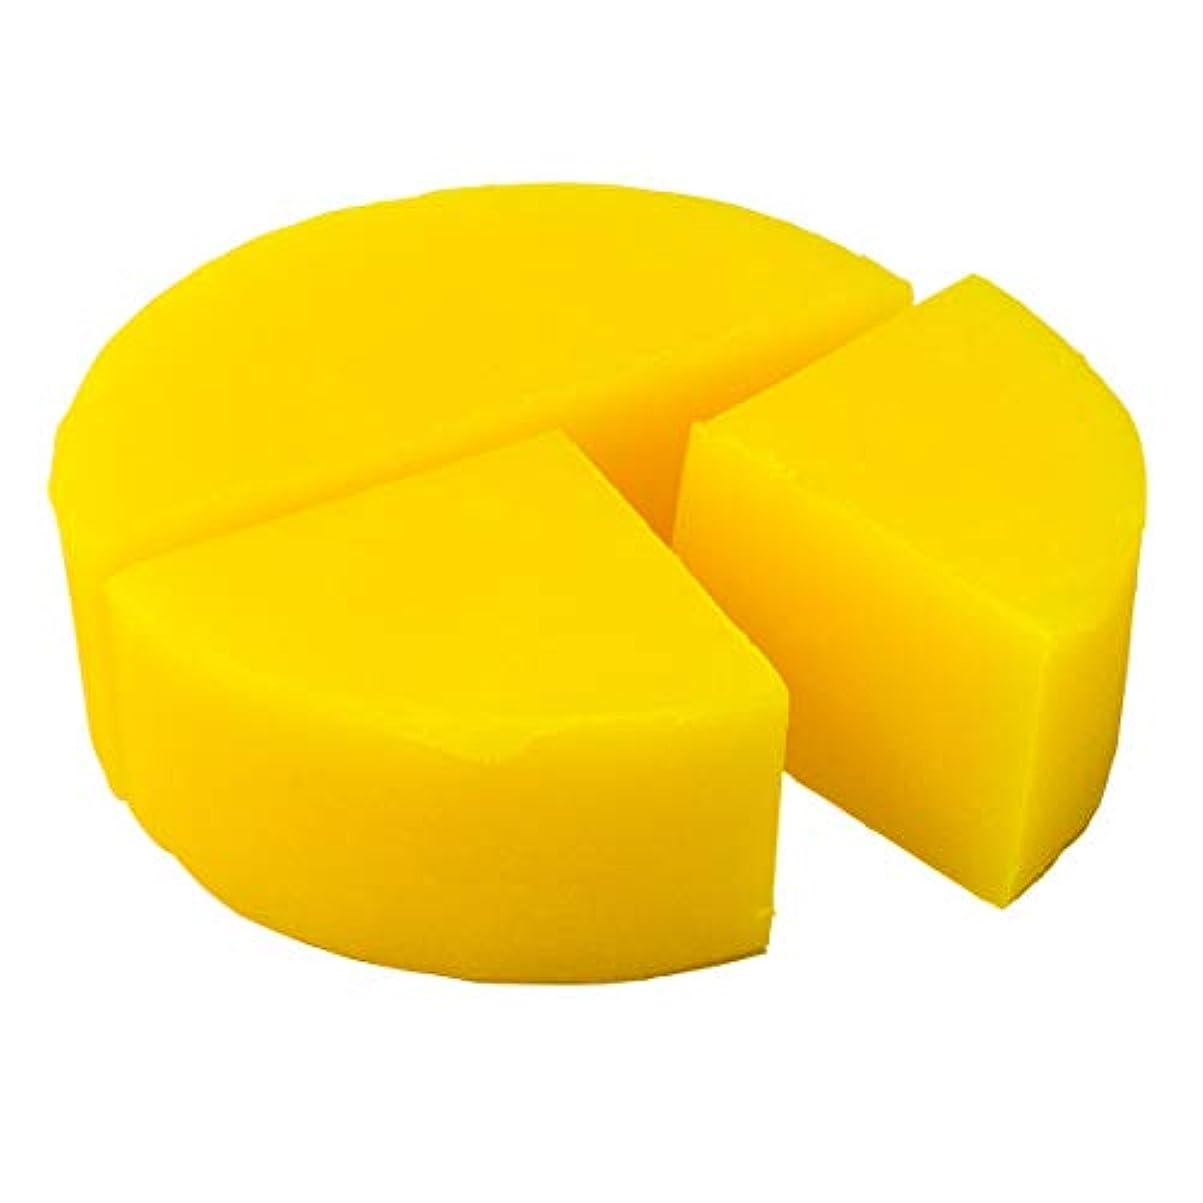 発火するセメント重なるグリセリン クリアソープ (MPソープ) 色チップ 黄 100g